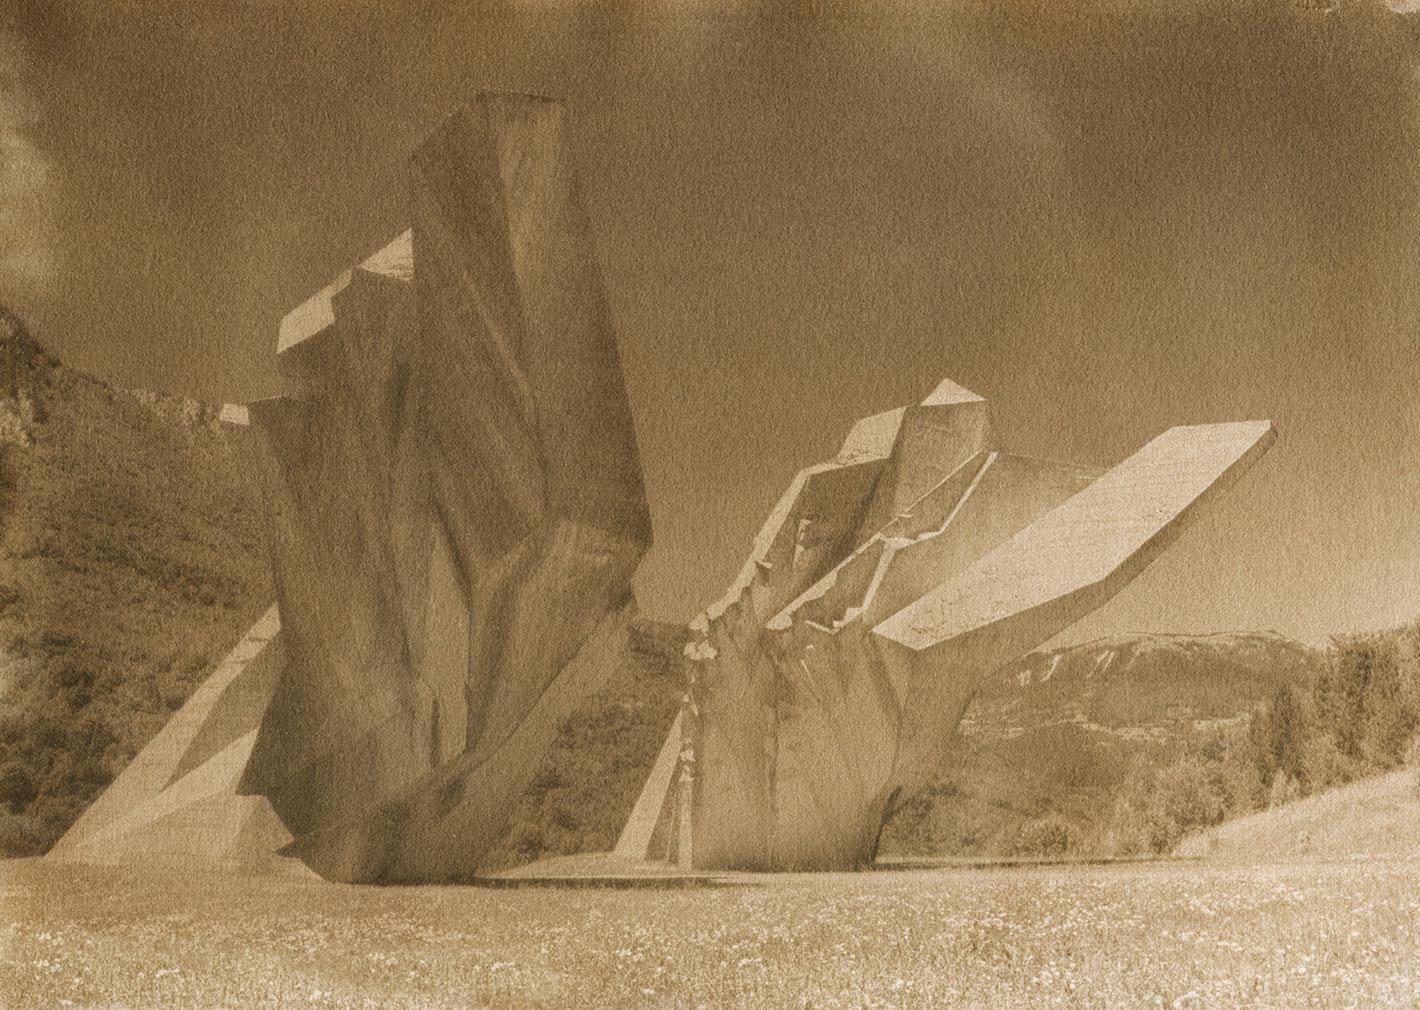 Marco Walker's series, Utopia / Dystopia